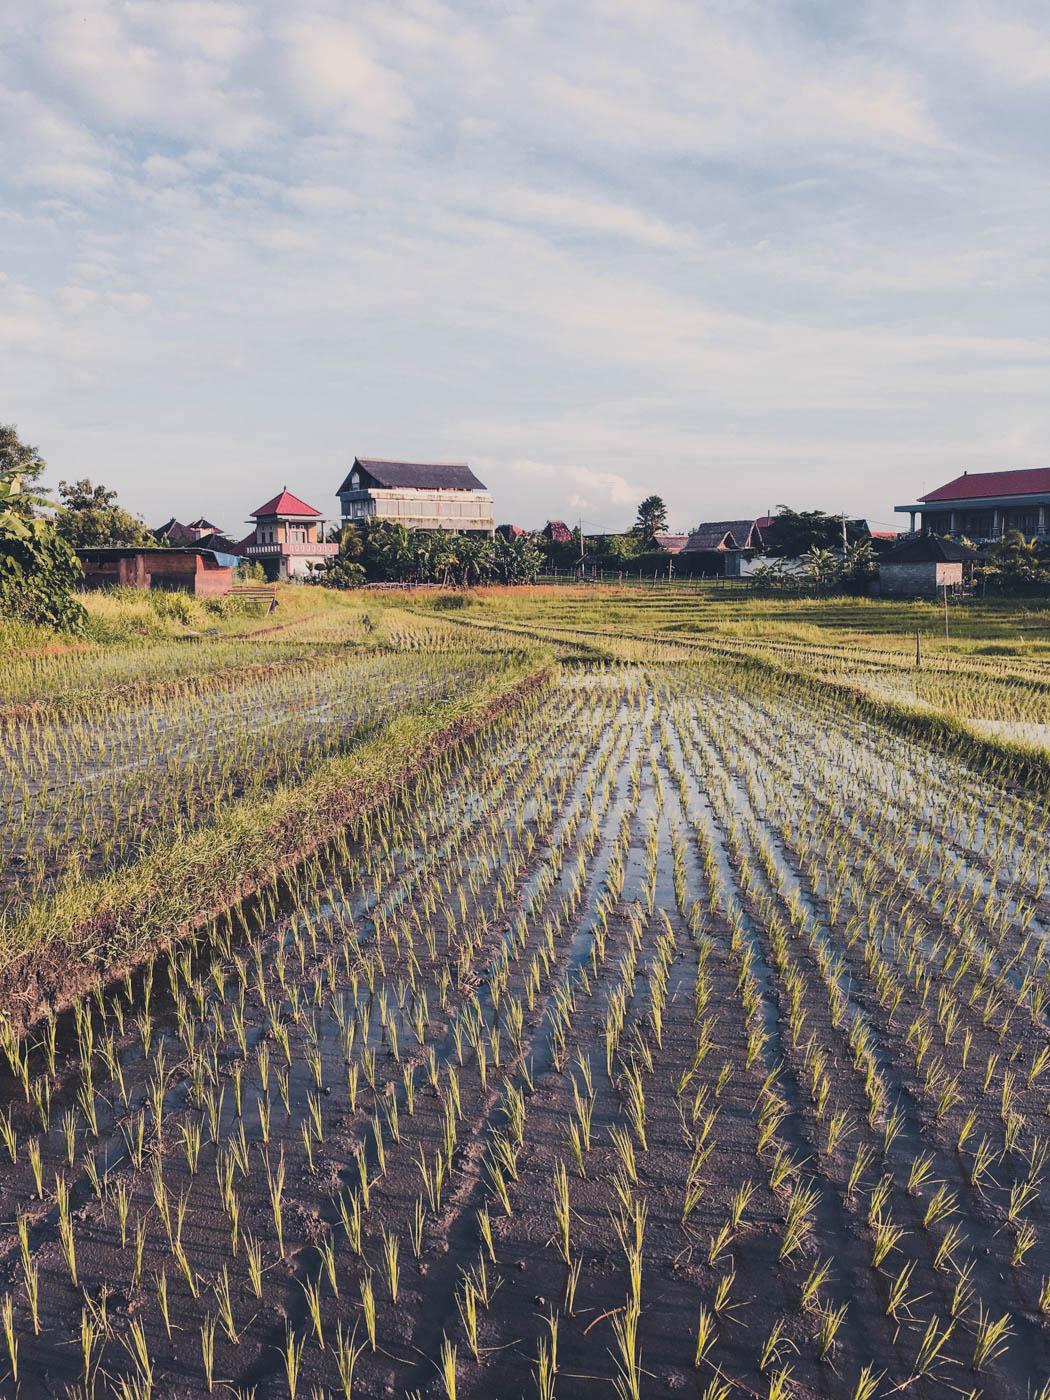 Canggu Rice Paddies - Bali Itinerary #traveldestinations #bali #beautifulplaces